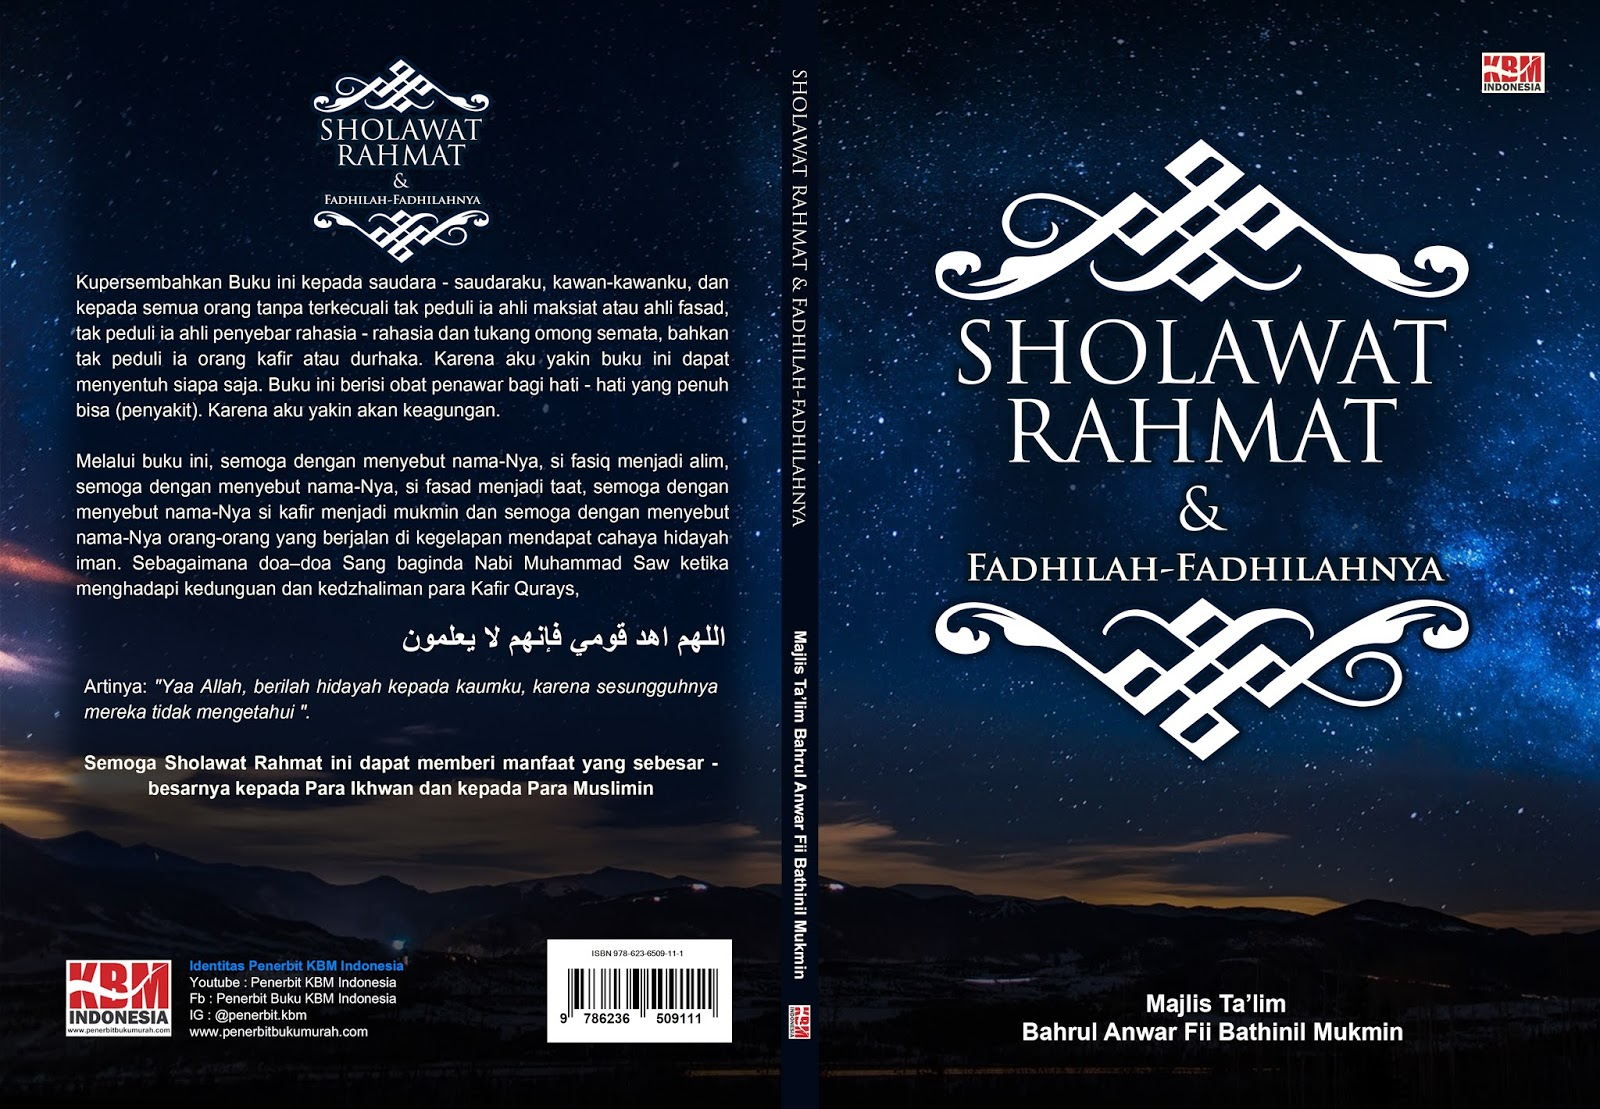 SHOLAWAT RAHMAT DAN FADHILAH-FADHILAHNYA